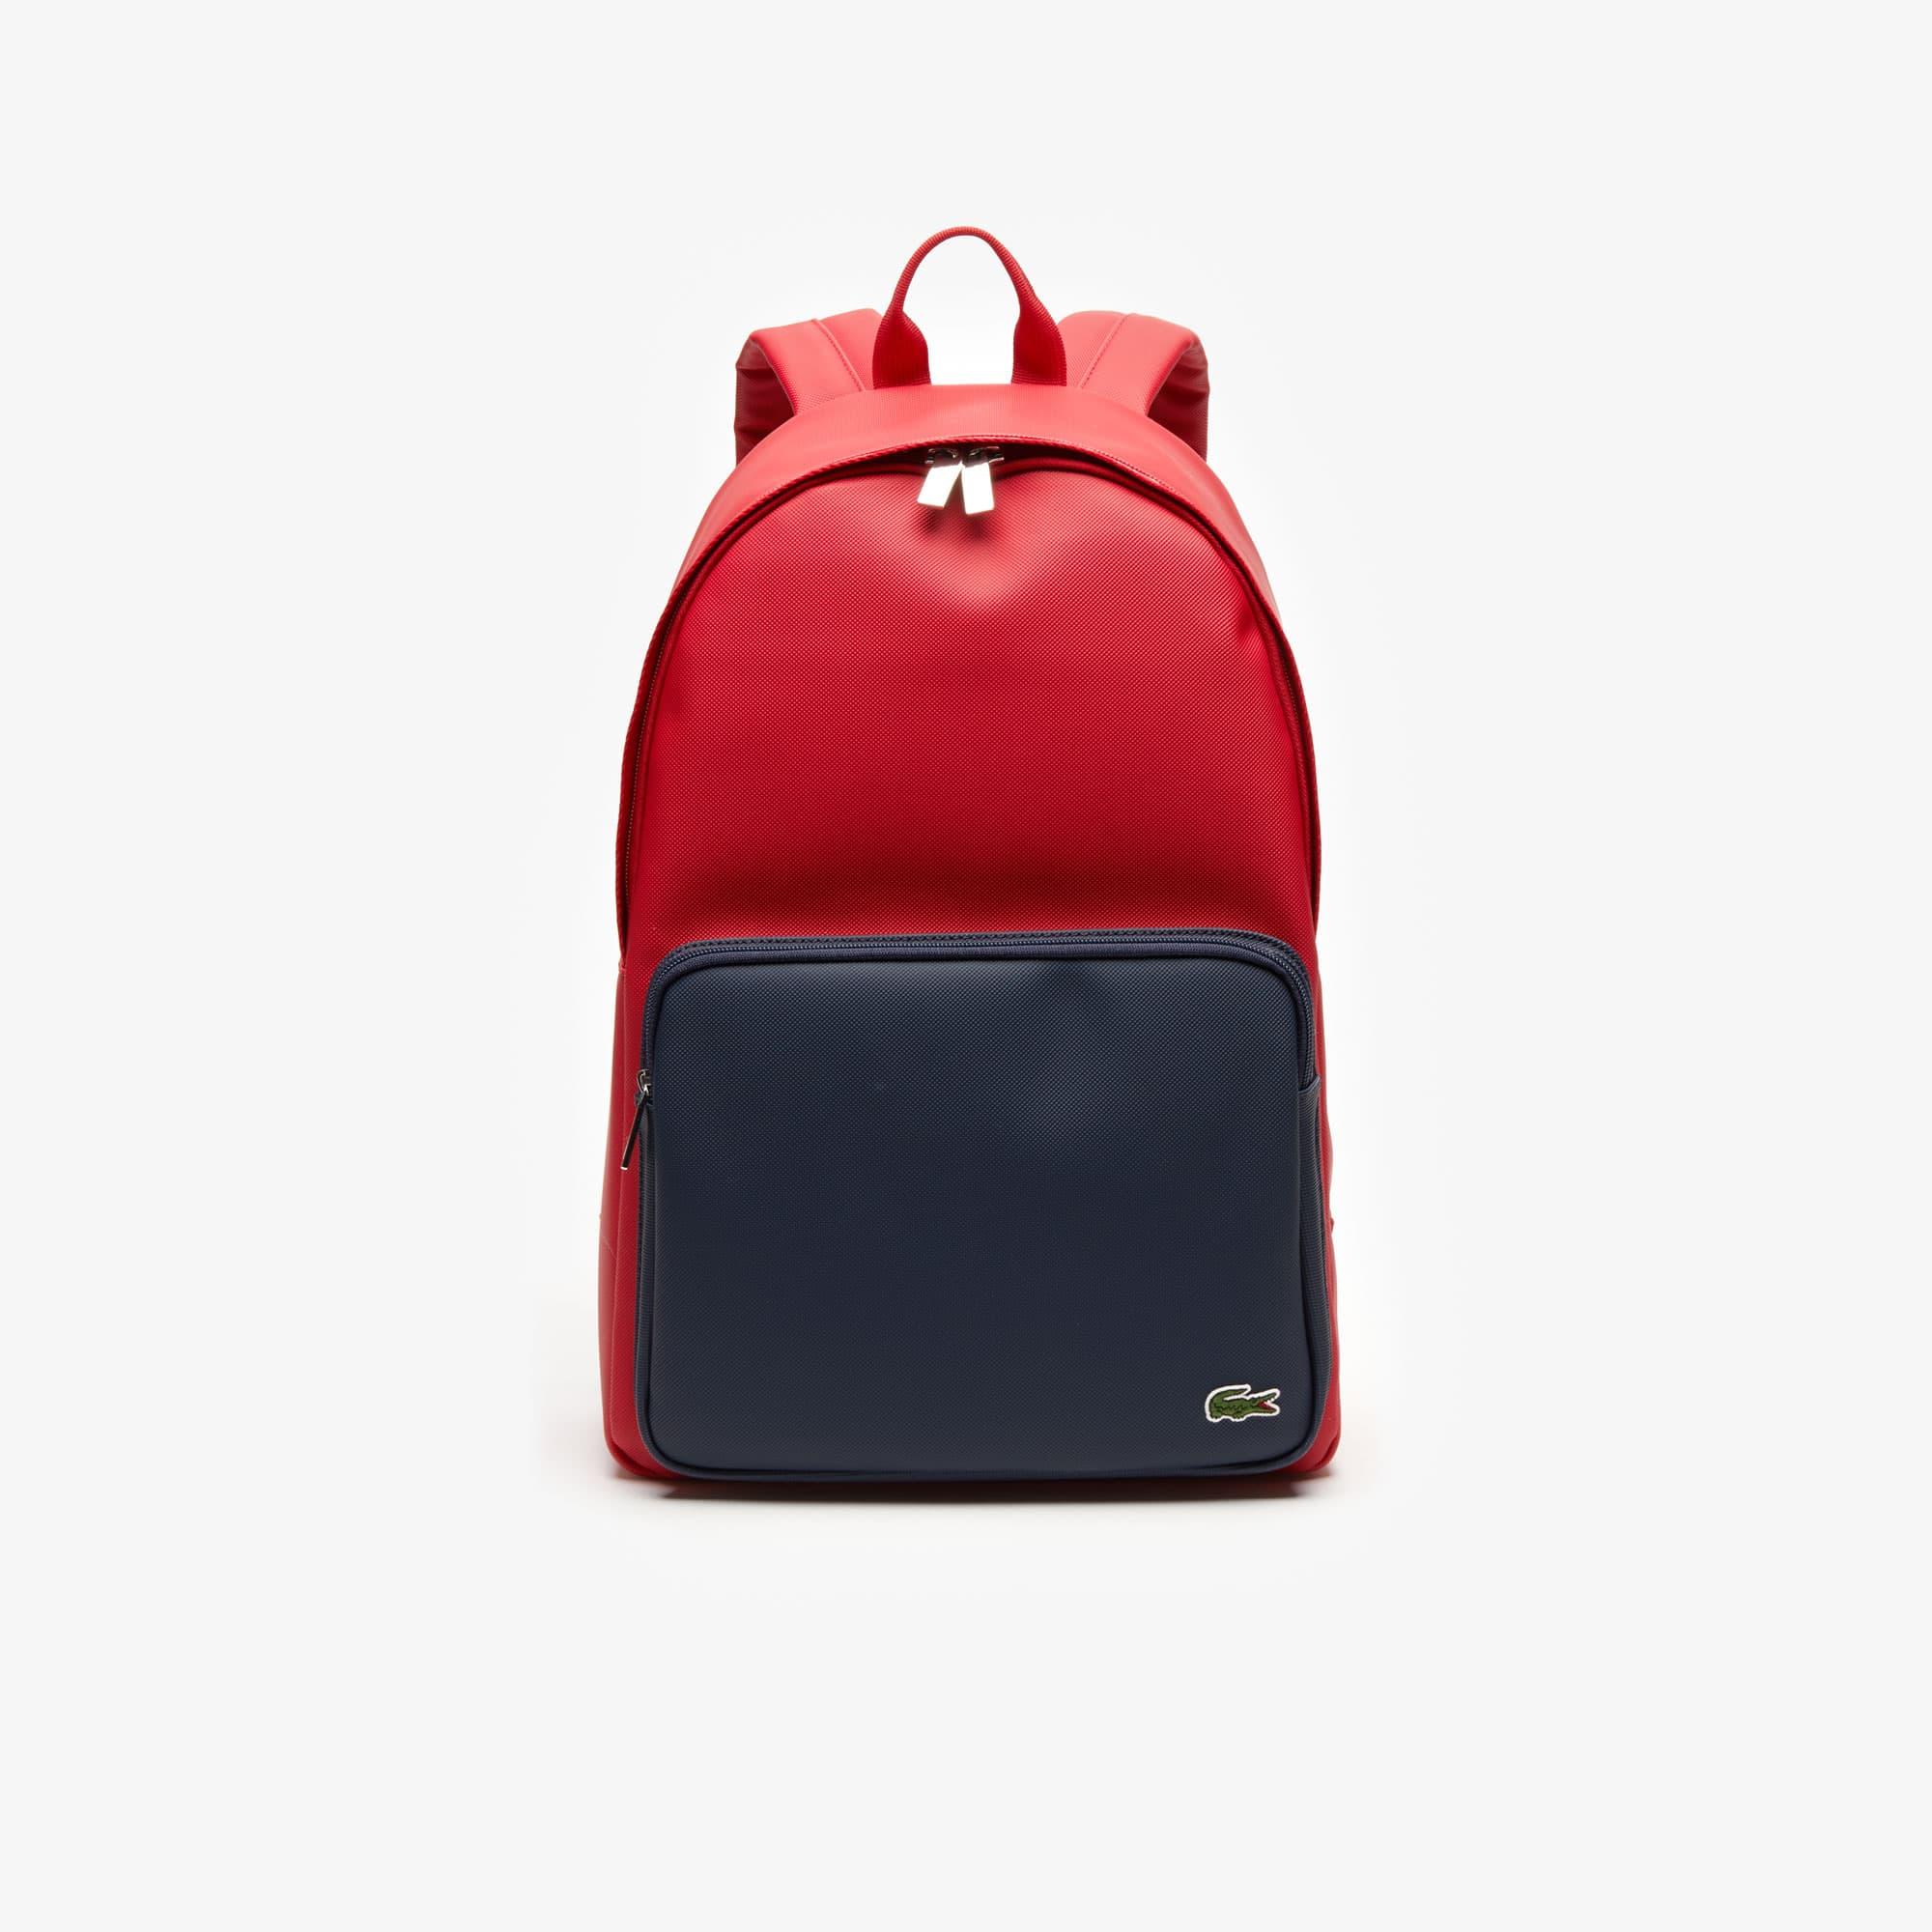 6d12309ee889 Men s Bags